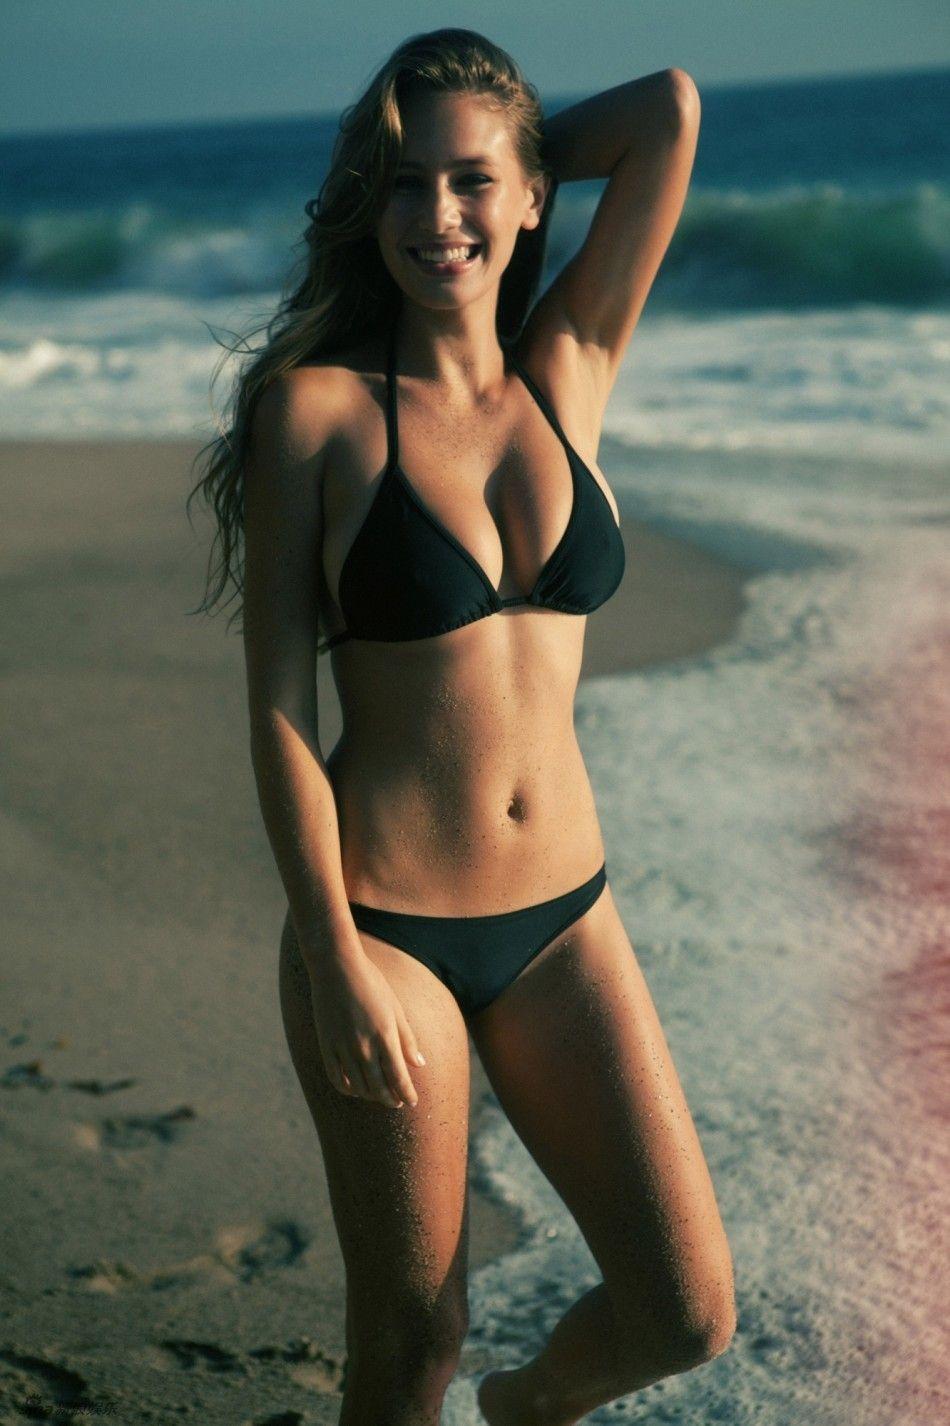 Bikini Dana Wright nude (96 photo), Tits